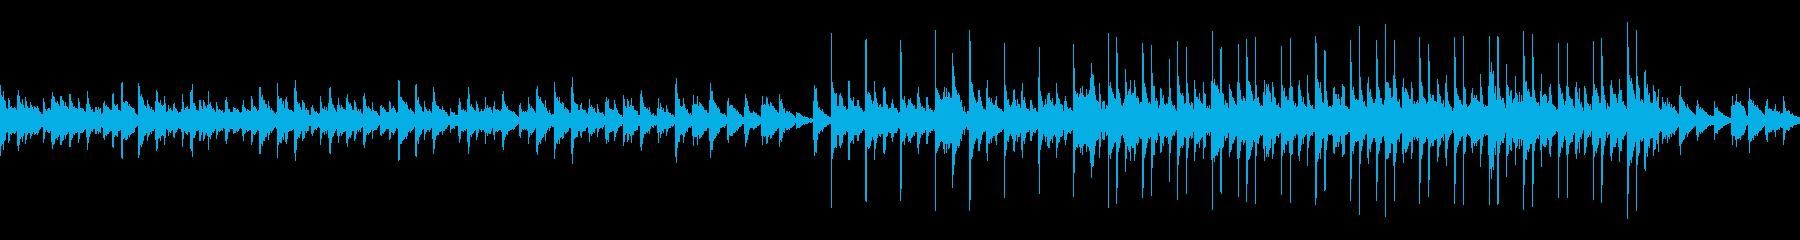 【ループ】謎解きなどのシーンにの再生済みの波形